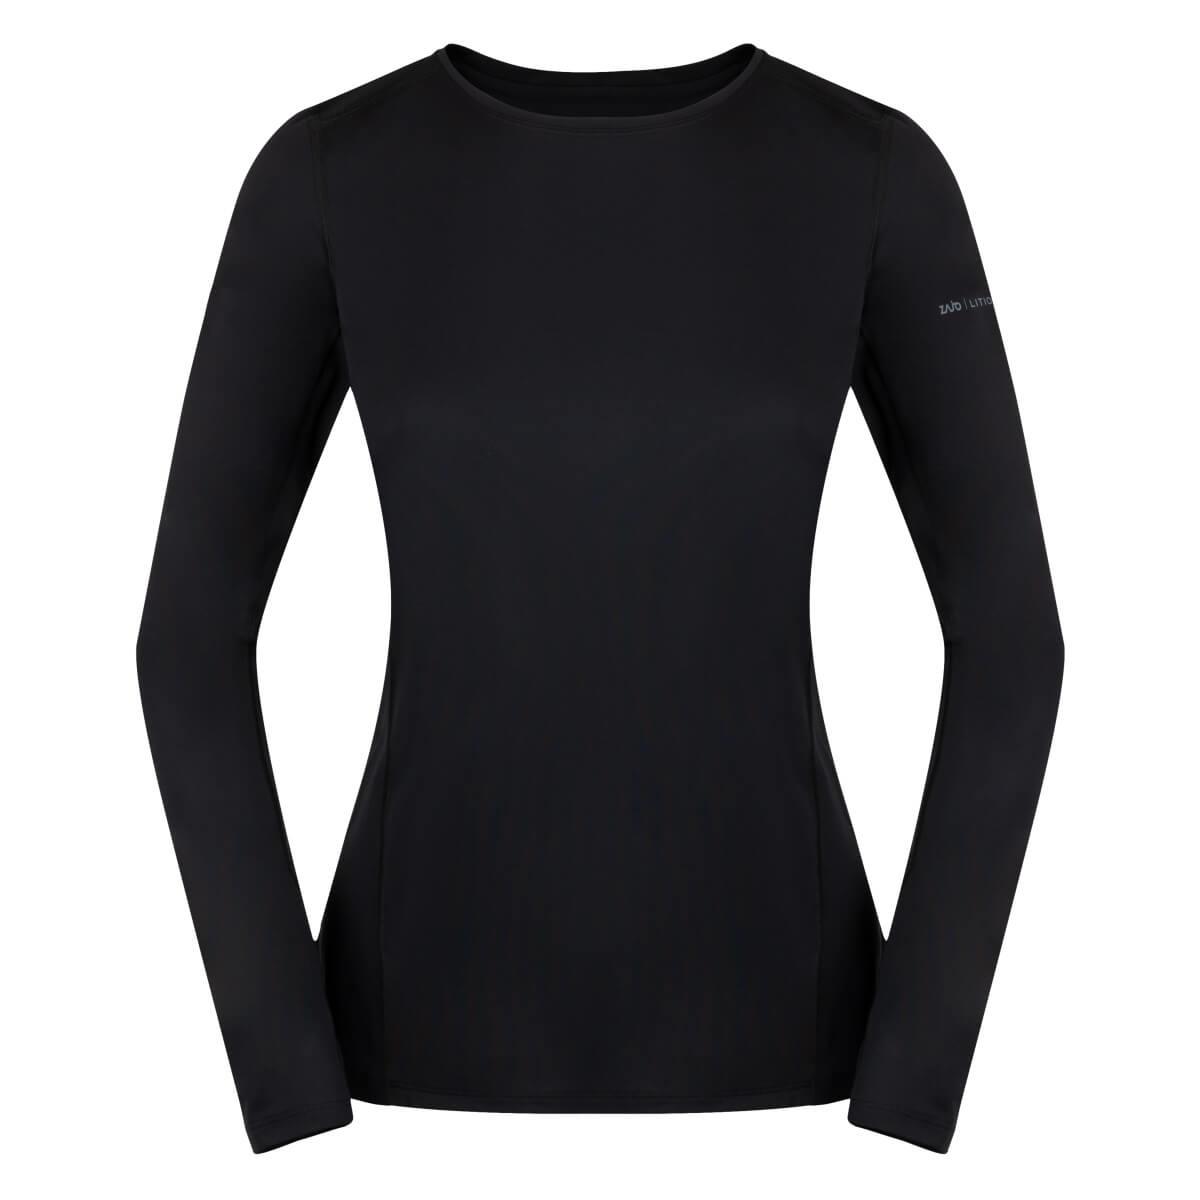 ZAJO Litio T-shirt LS  Black dámske tričko - veľkosť XS